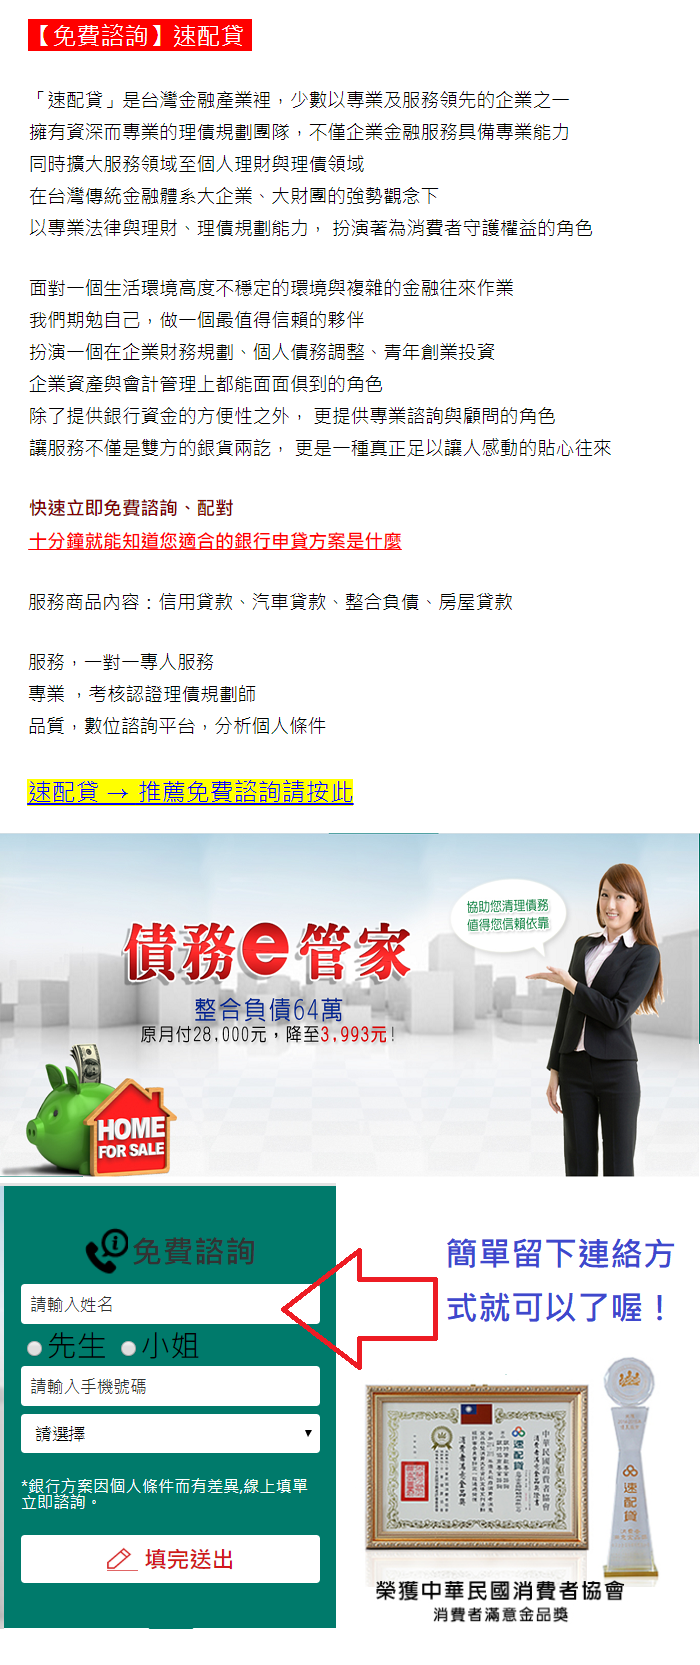 優惠房貸利率方法